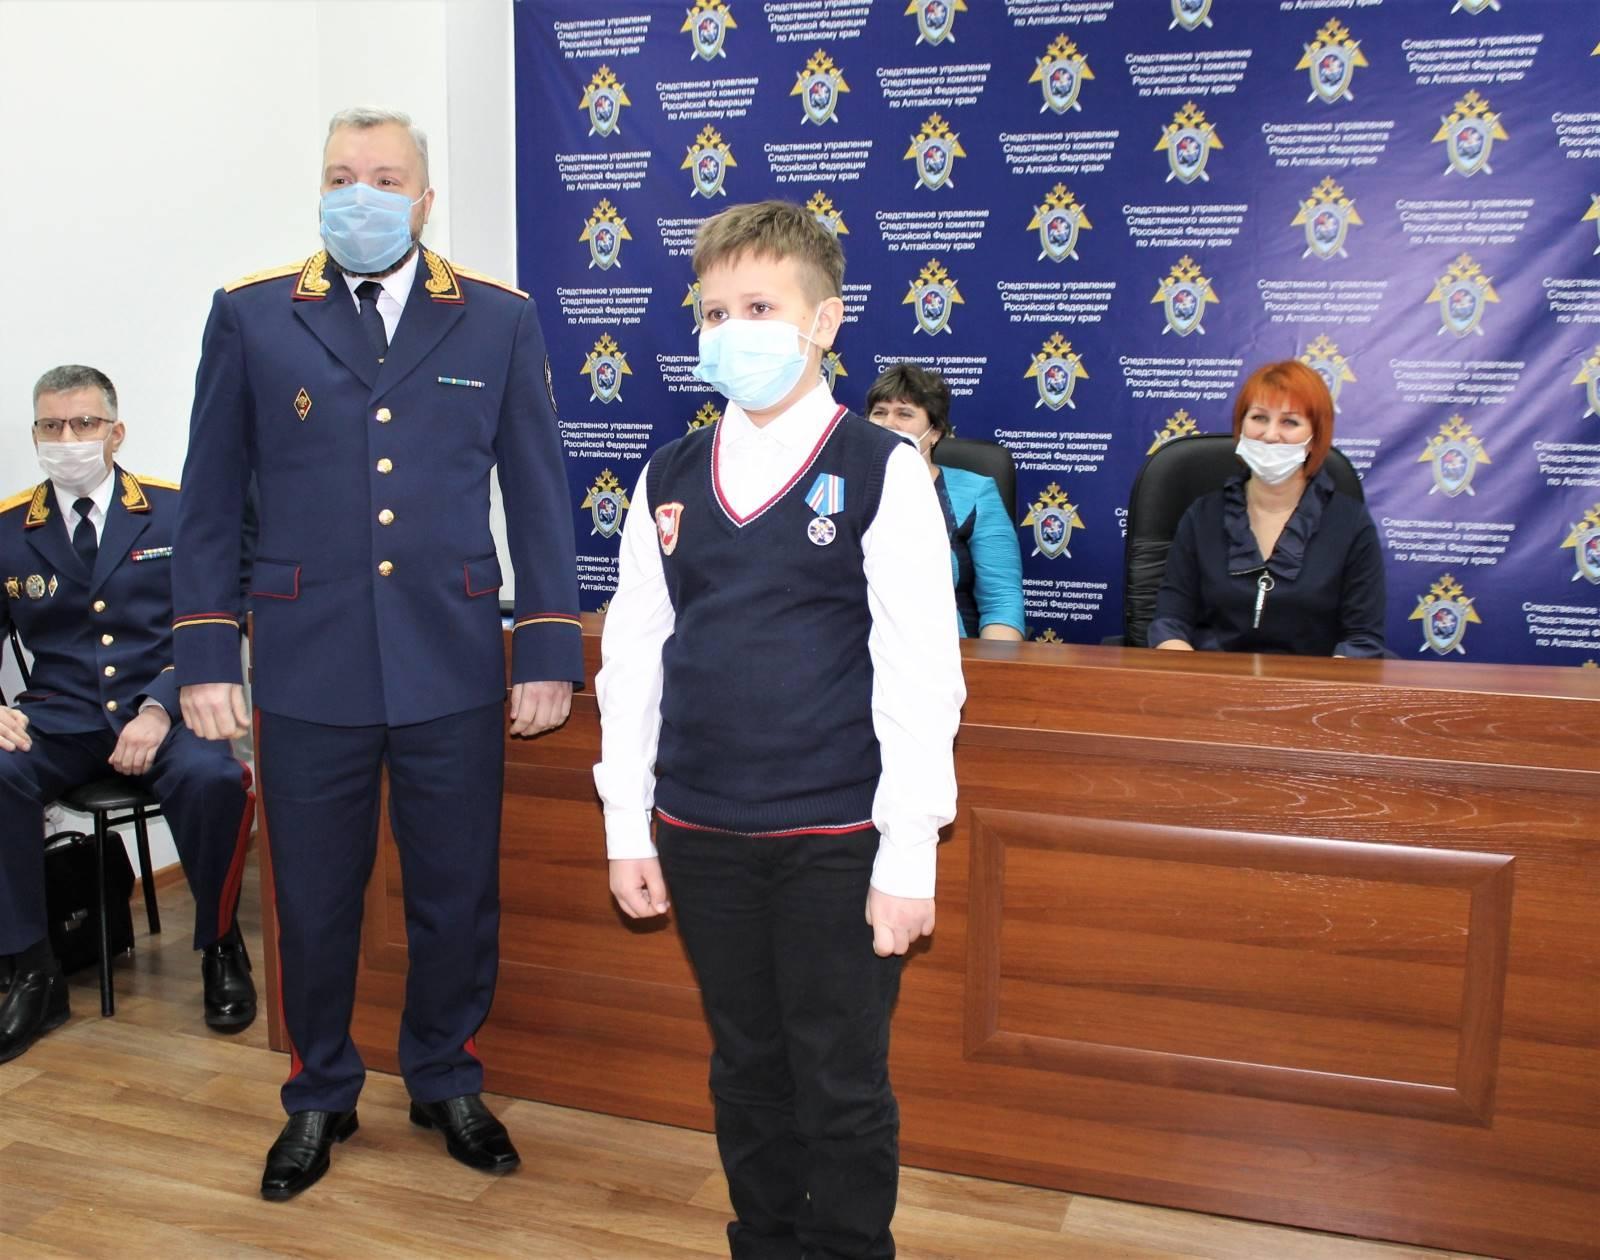 Фото В Алтайском крае дети задержали двух насильников и были награждены за отвагу 3